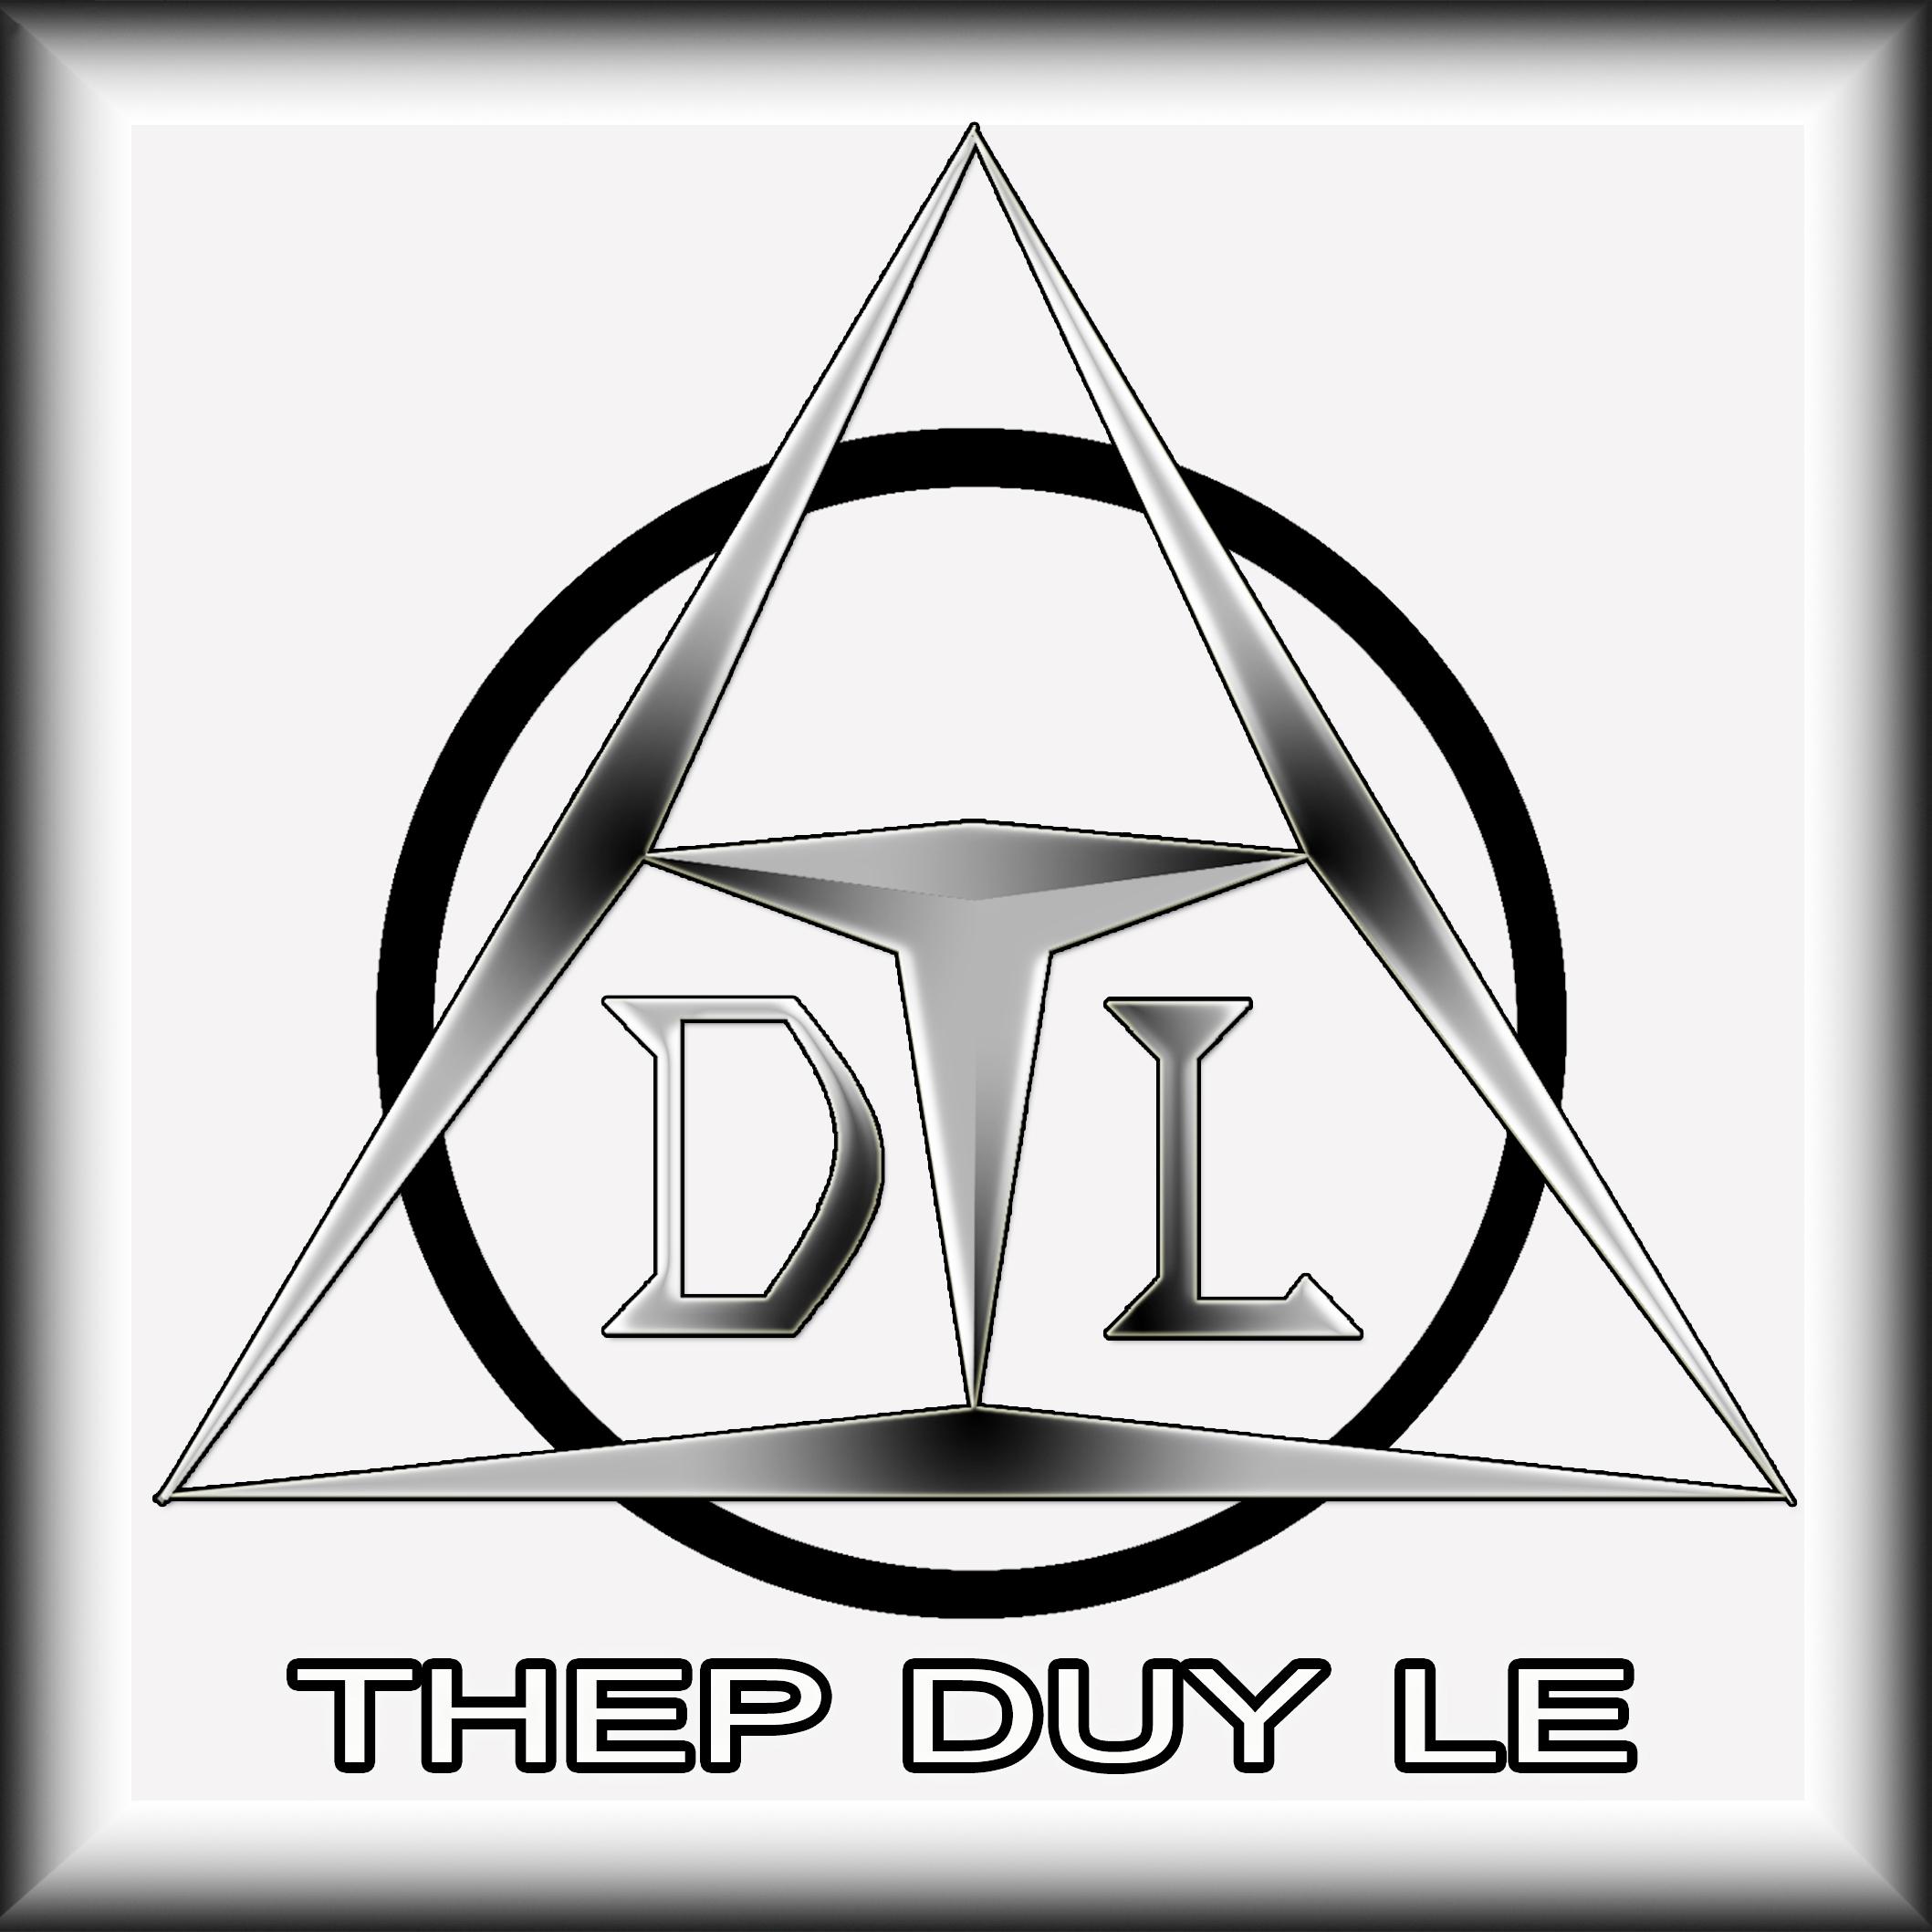 Công ty TNHH Thép Duy Lê